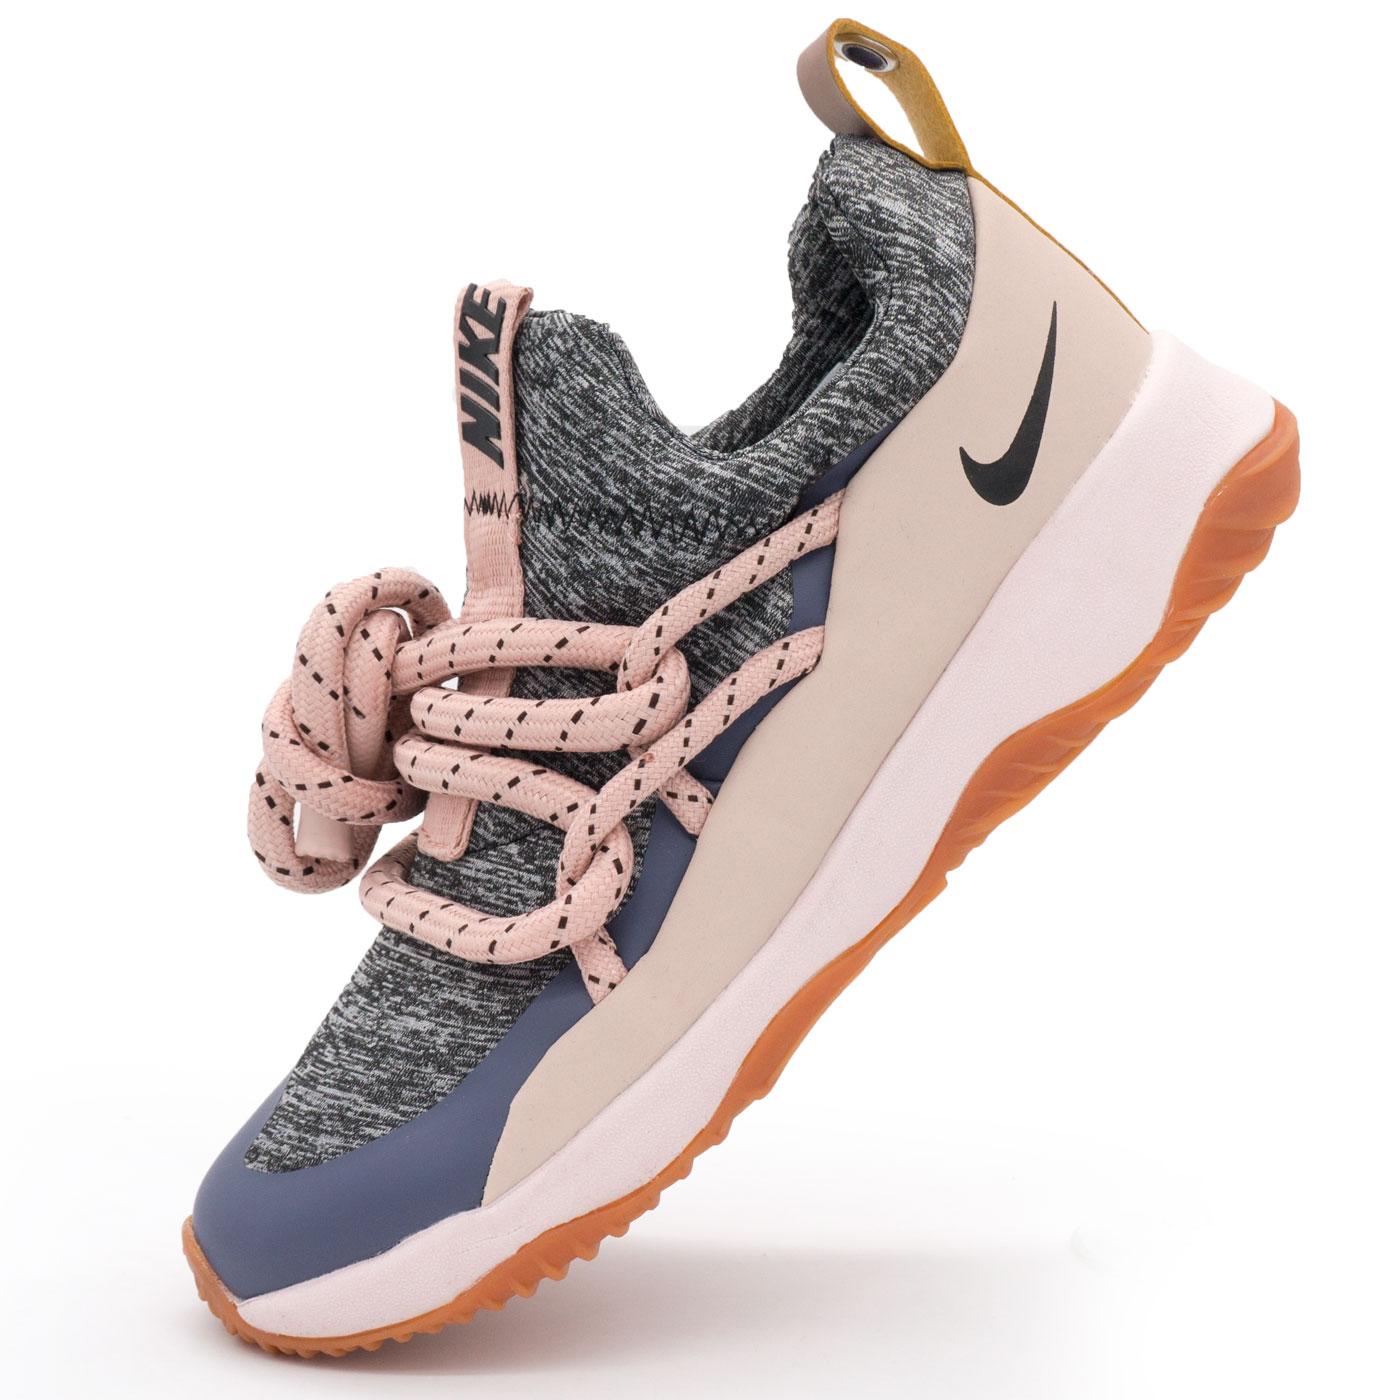 e4e4d65c Женские кроссовки Nike City Loop серо-розовые, купить Nike City Loop ...